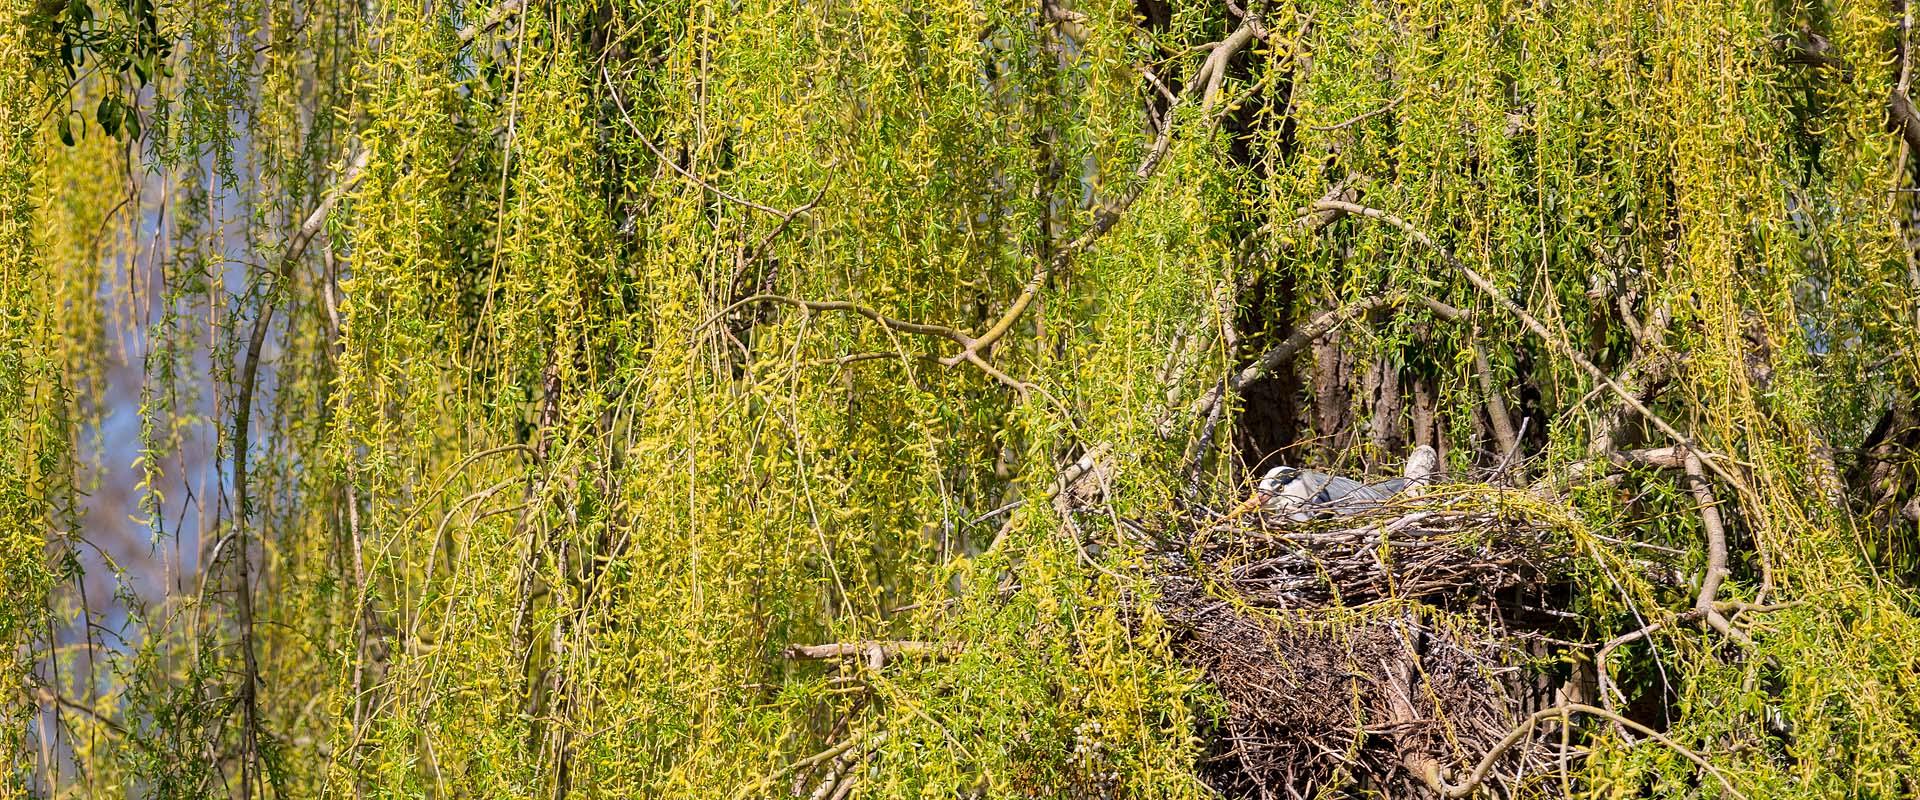 brütender Graureiher im Levinschen Park